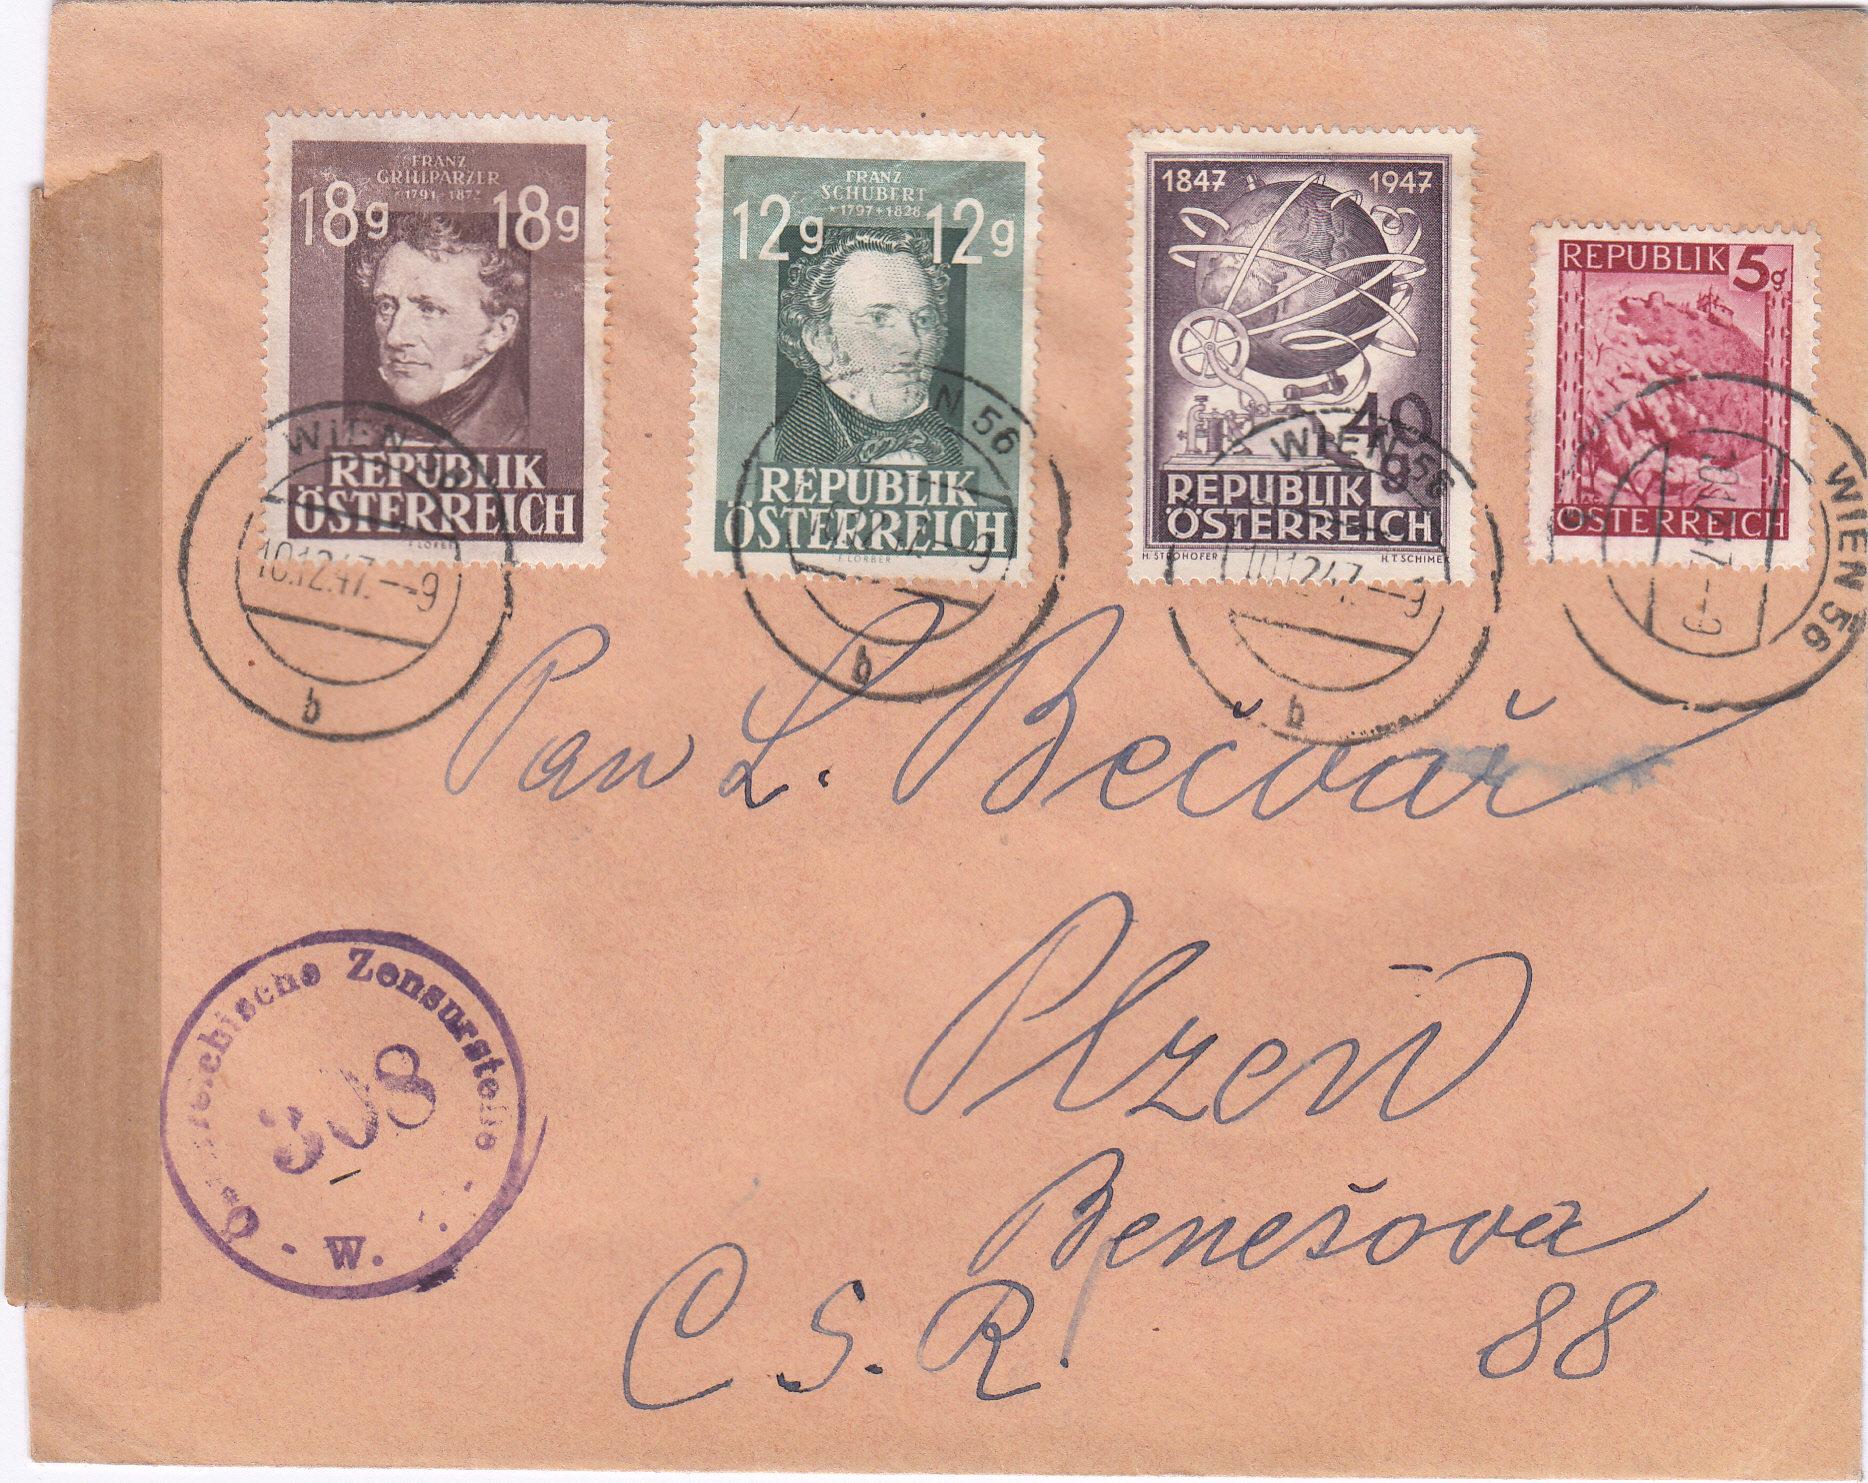 Österreich 2. Währungsreform 10.12.1947 - Belege Img_0289